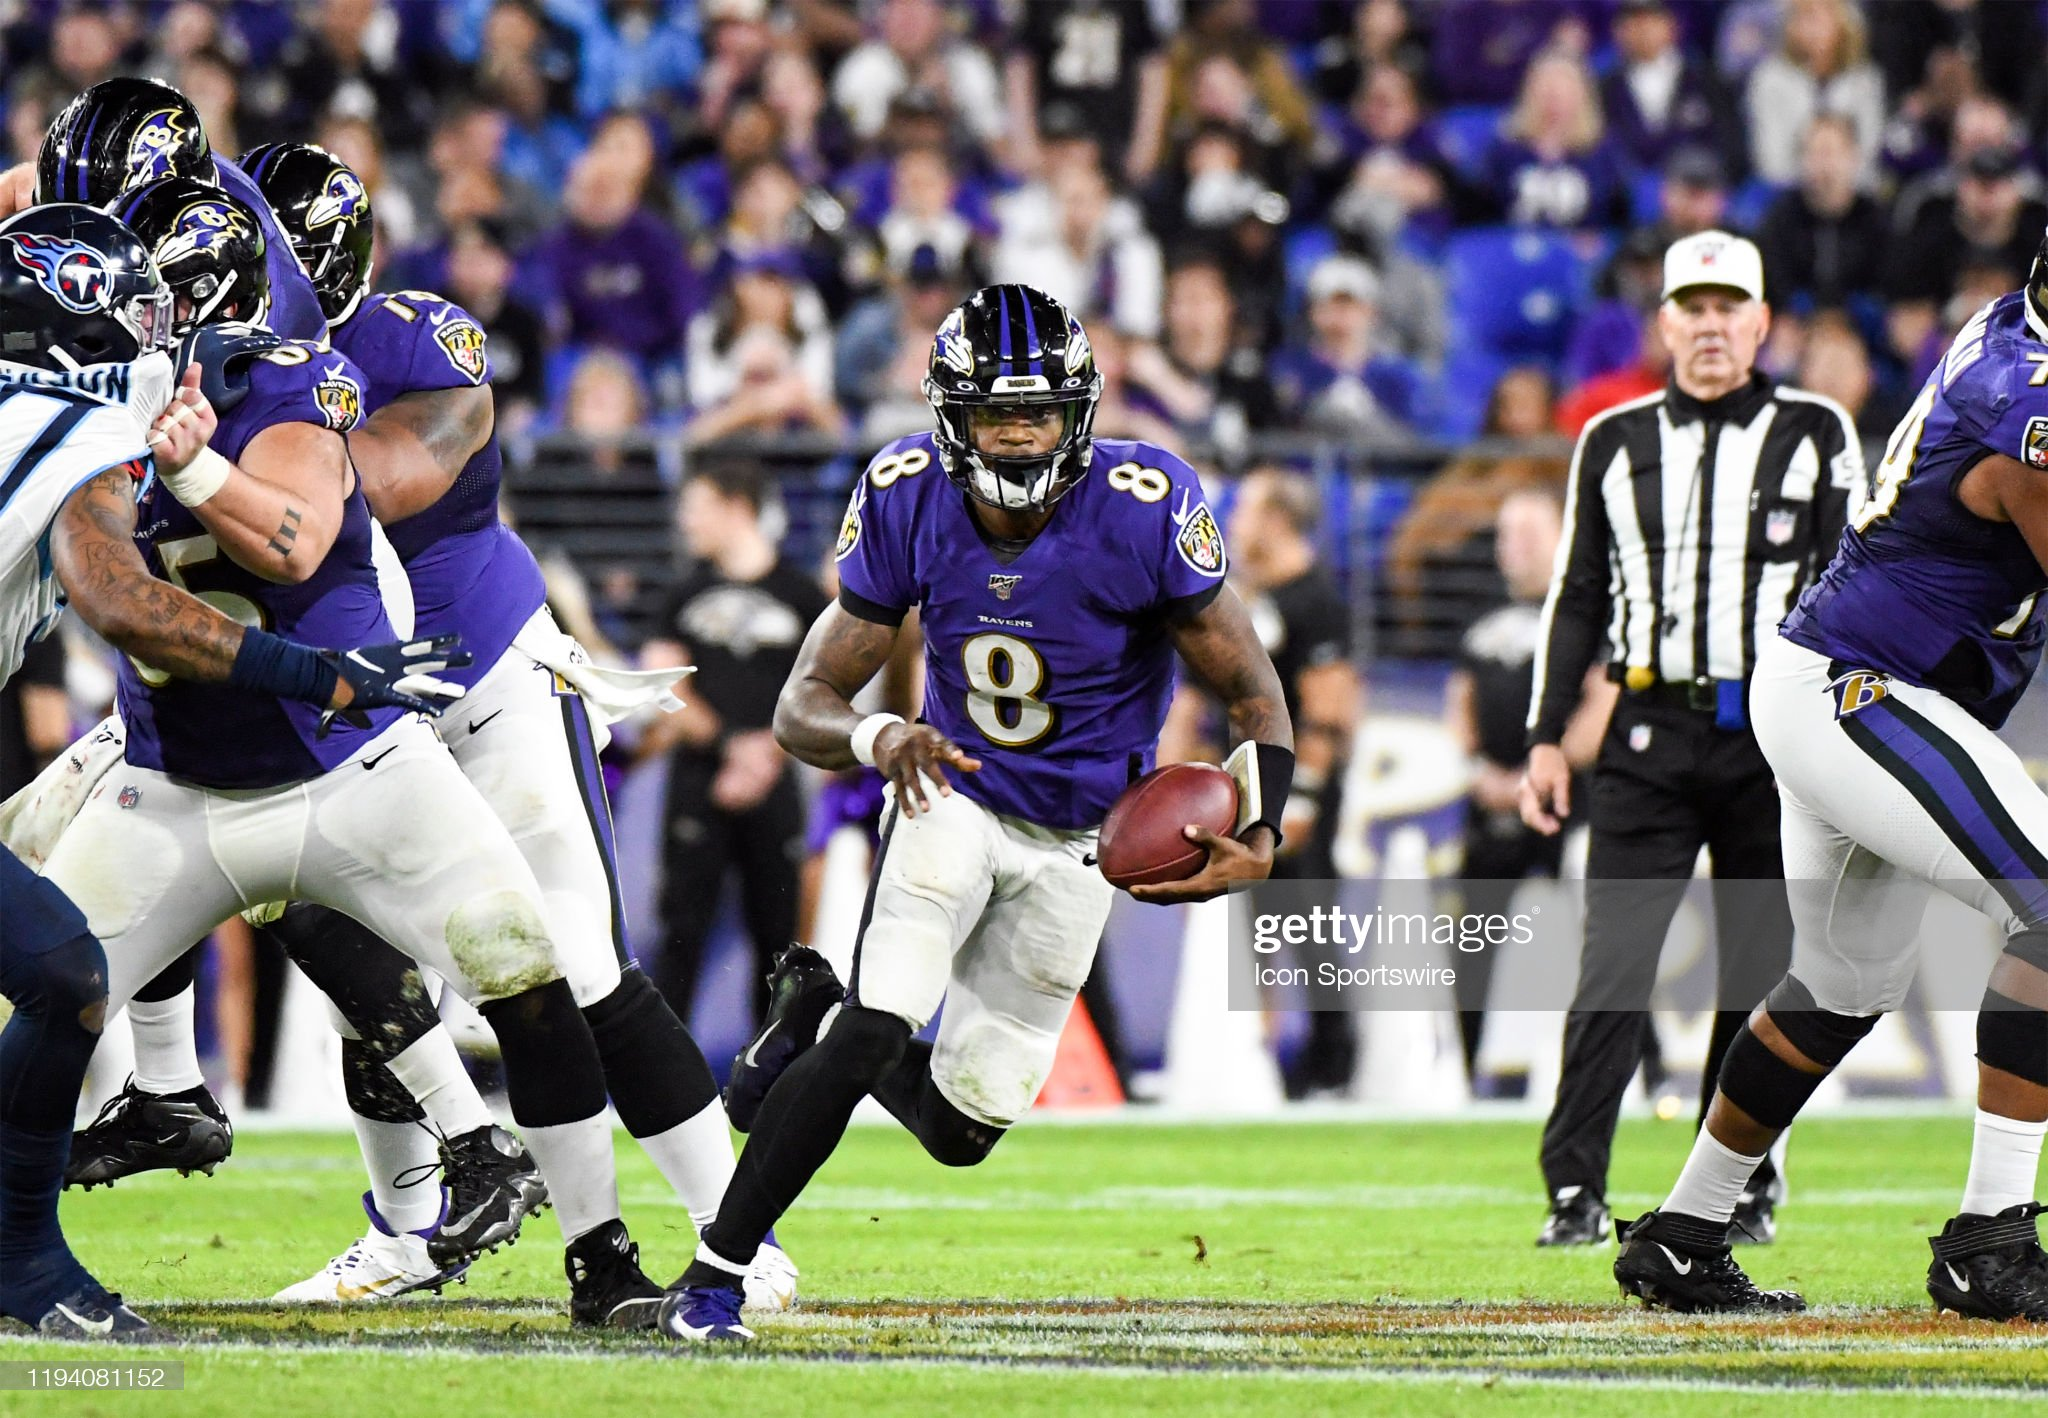 NFL: JAN 11 AFC Divisional Playoff - Titans at Ravens : Foto jornalística